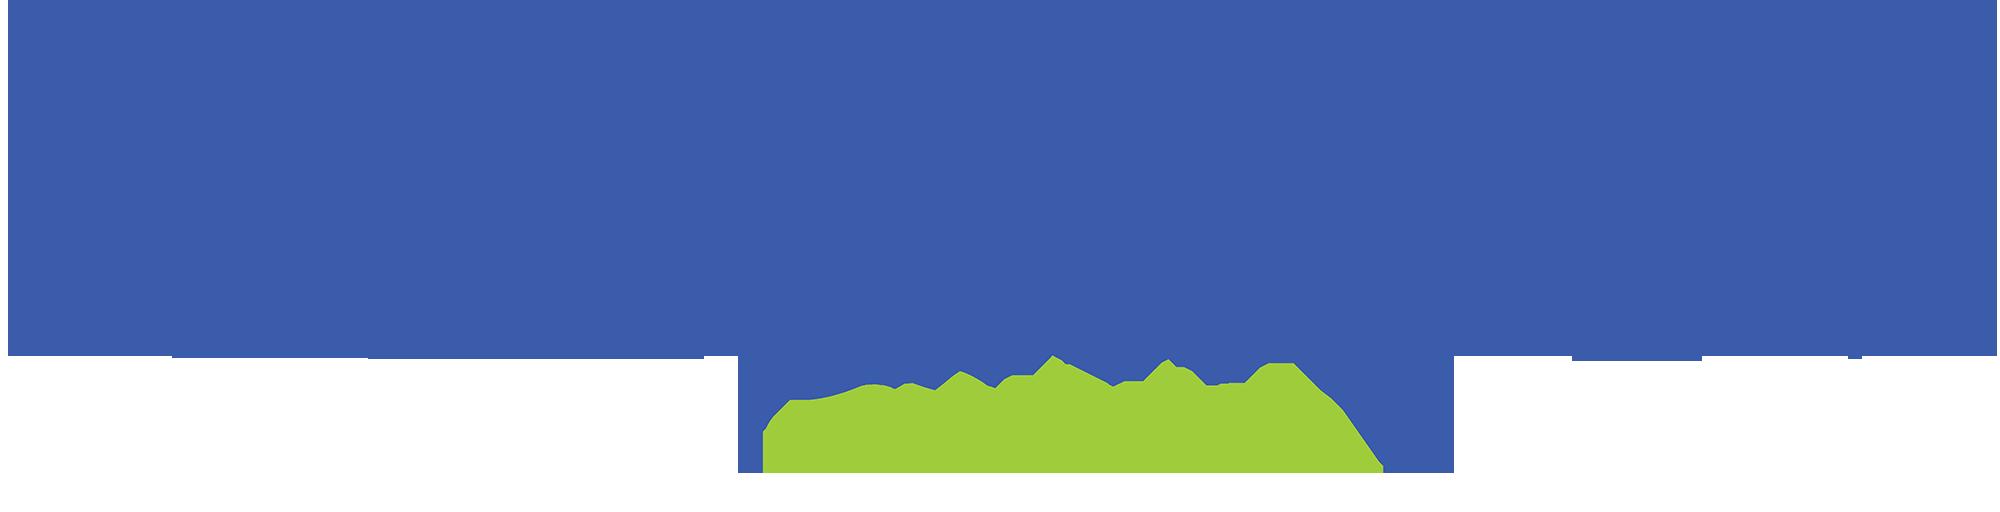 fly_logo_CMYK-1